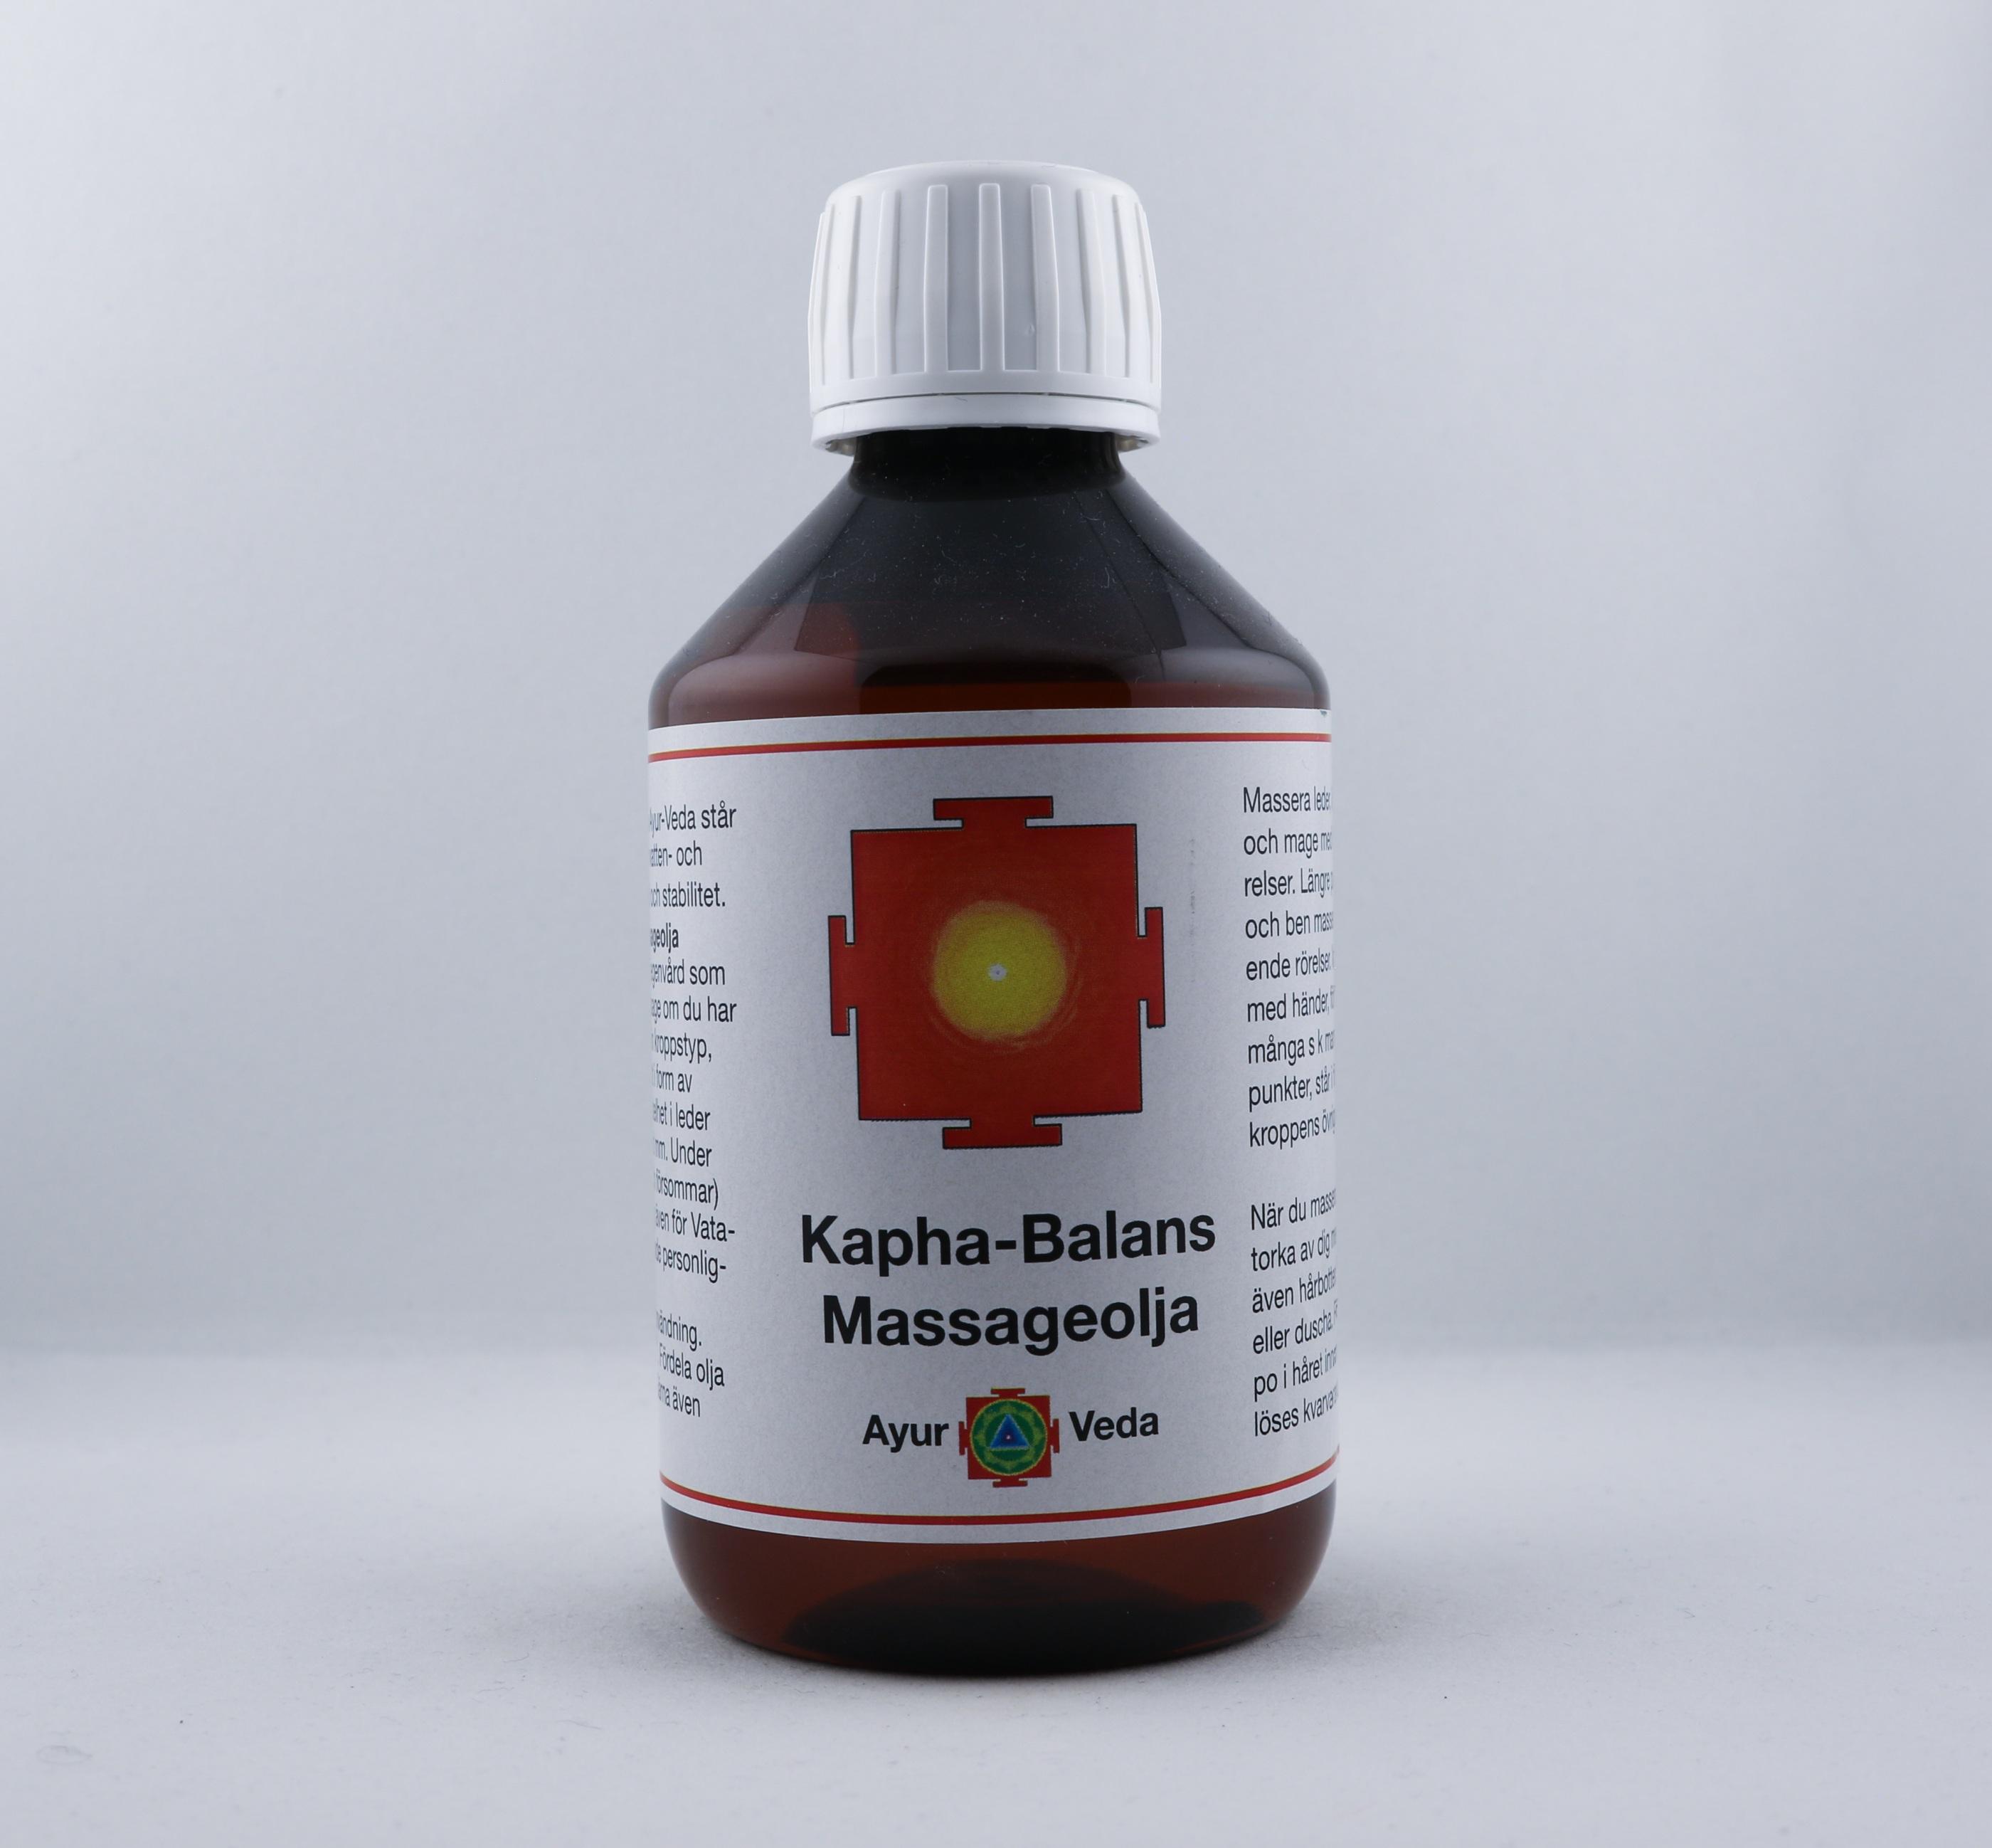 Kapha-balans massageolja wellness ayurveda halmstad sweden svensk massage olja